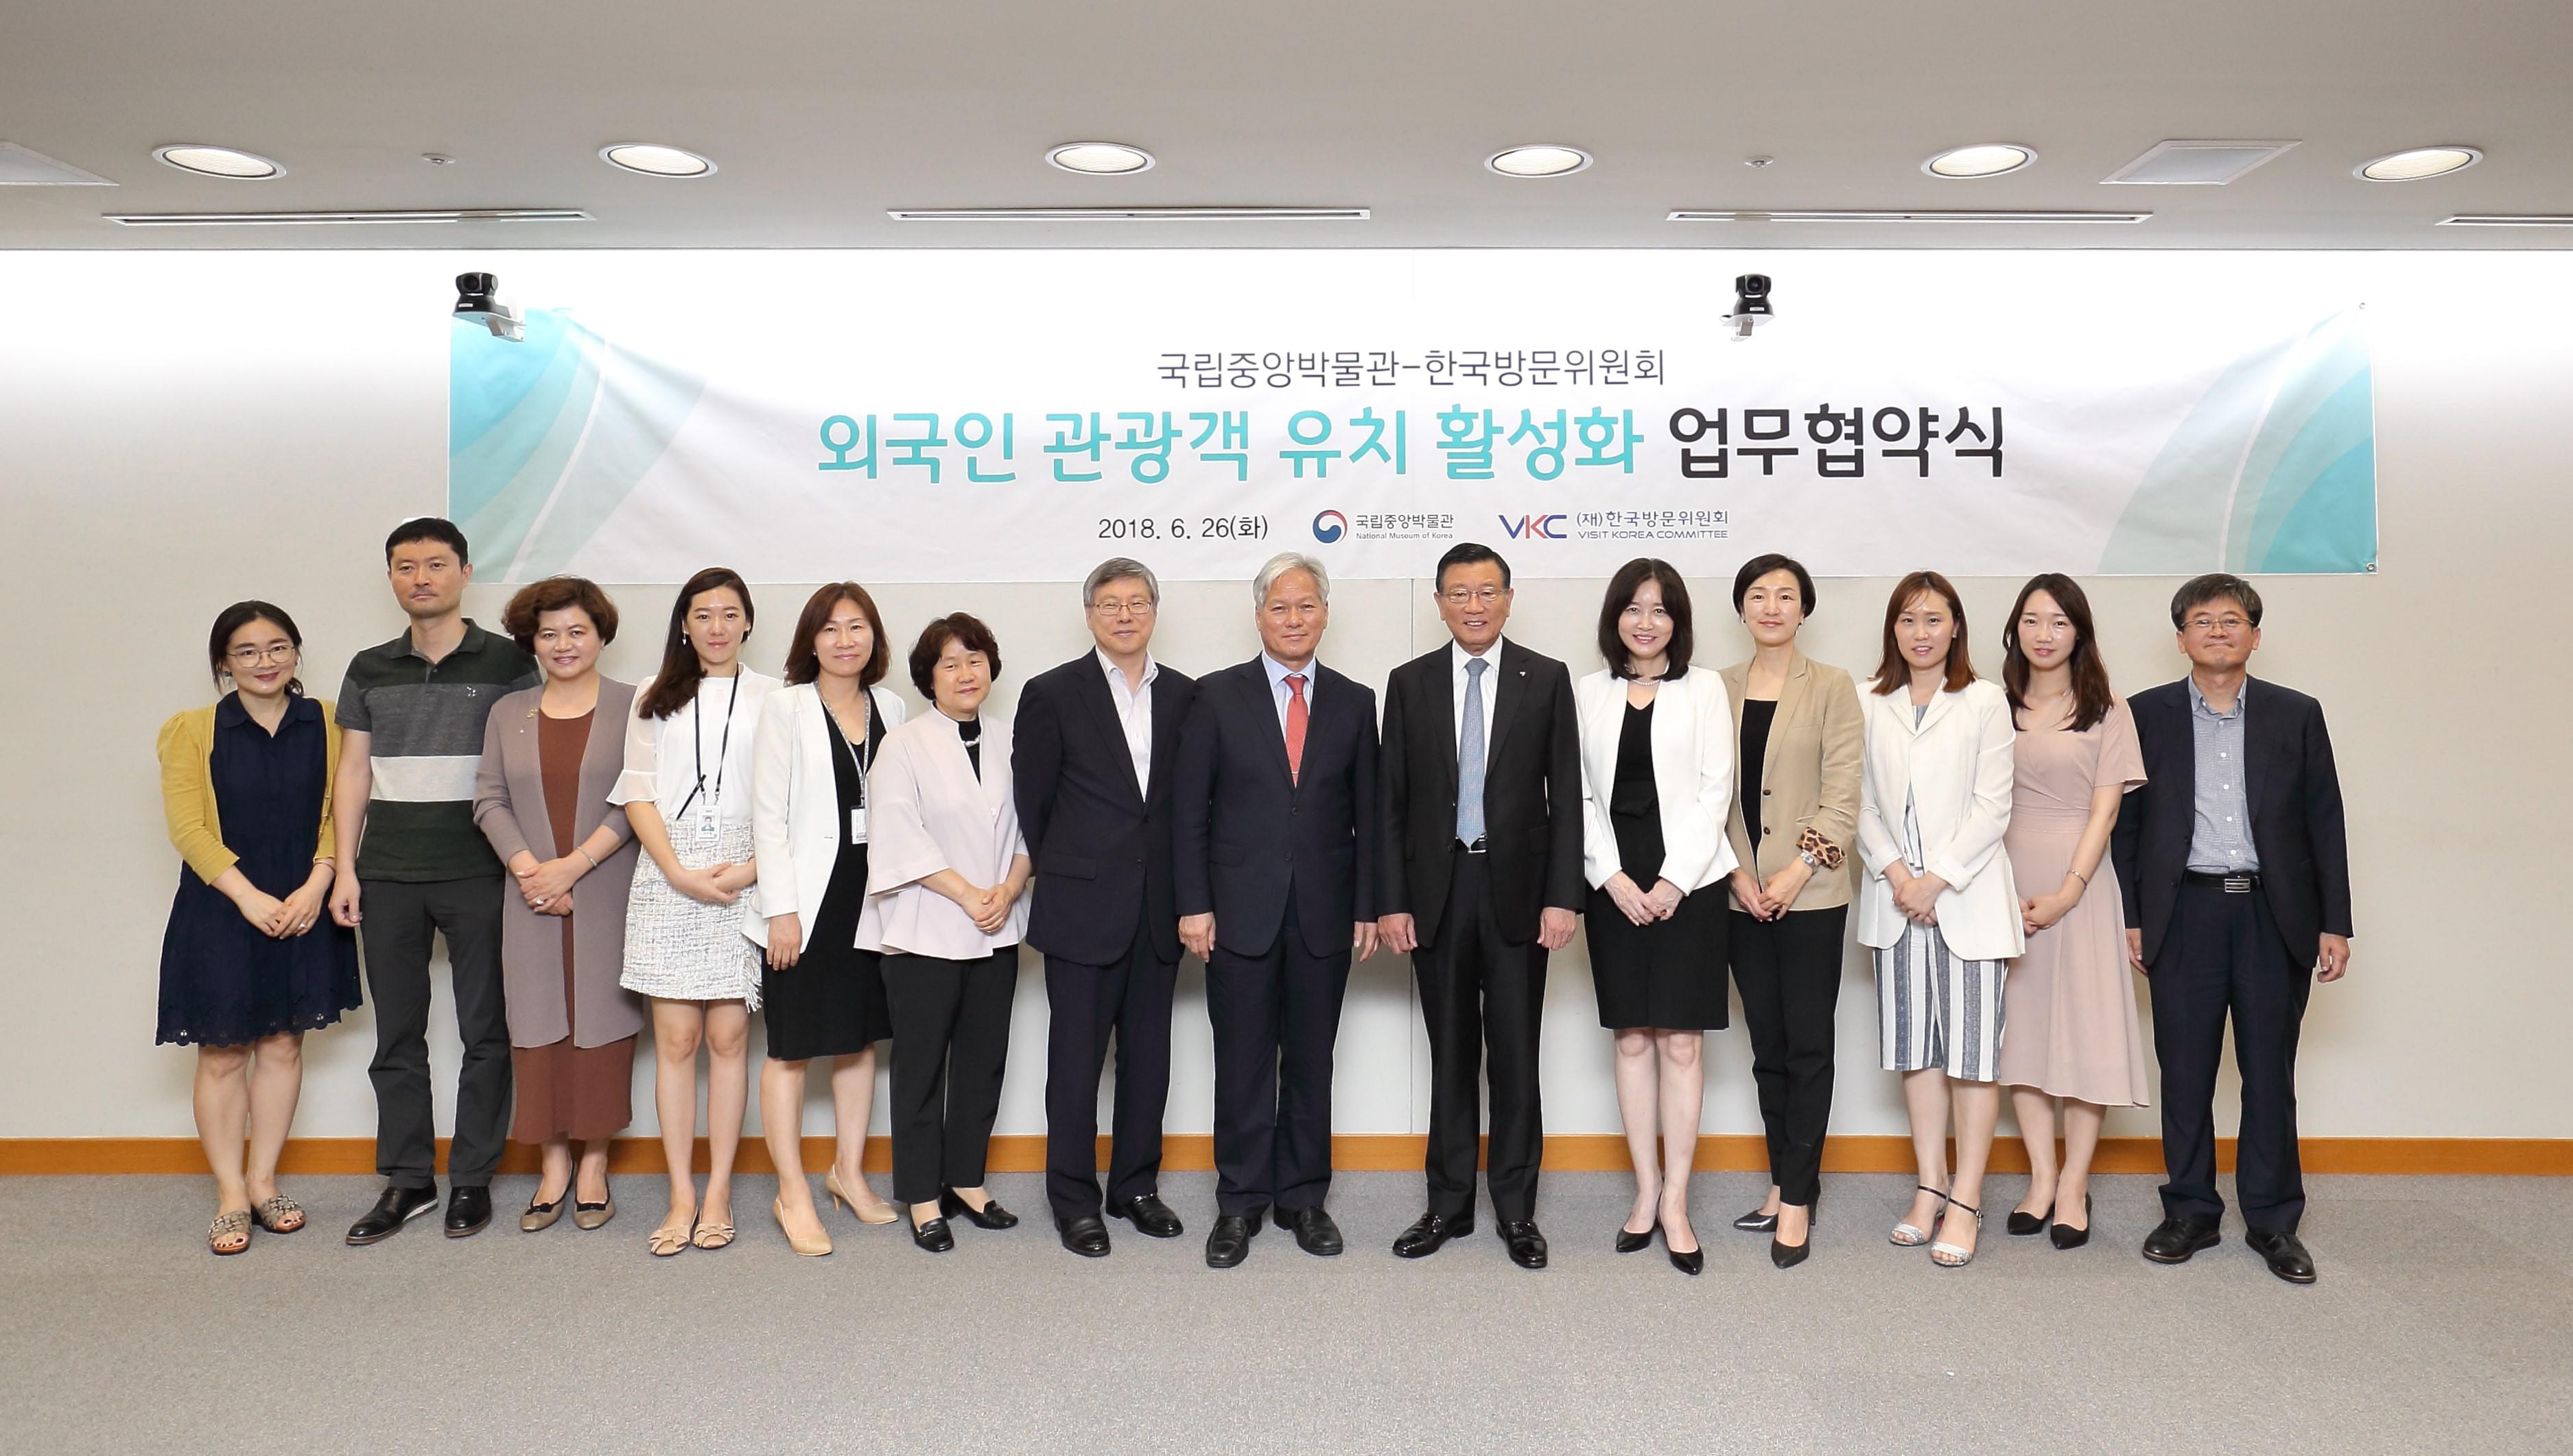 韩国访问委员会,与韩国国立中央博物馆签订旨在吸引外国游客的业务合作协议